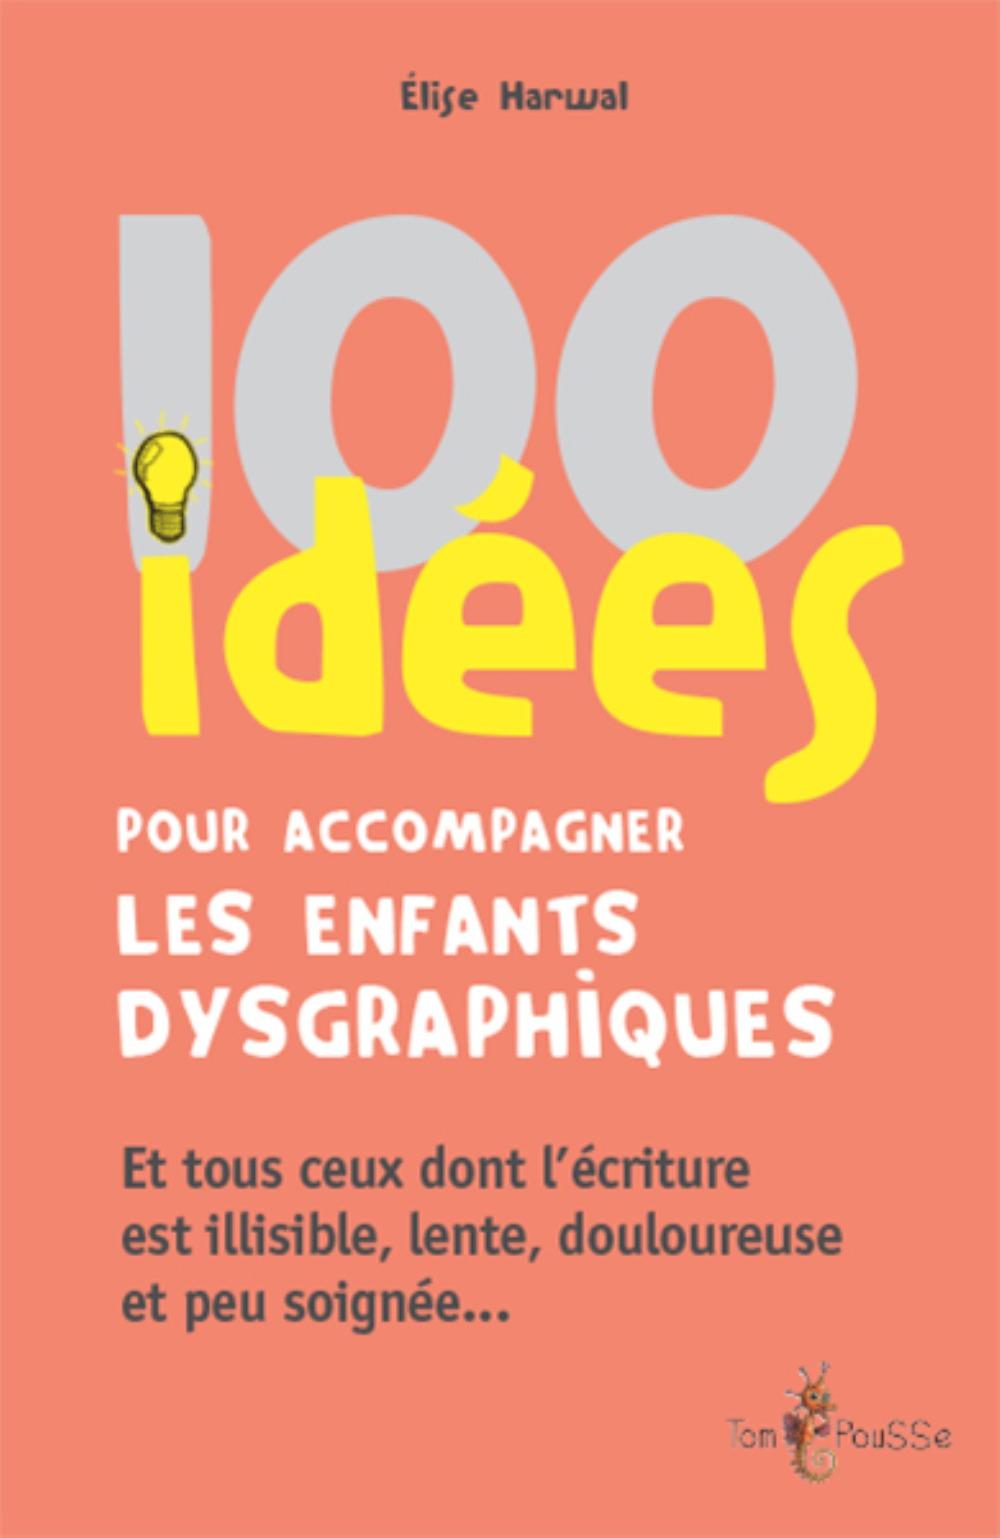 100 IDEES POUR ACCOMPAGNER LES ENFANTS DYSGRAPHIQUES